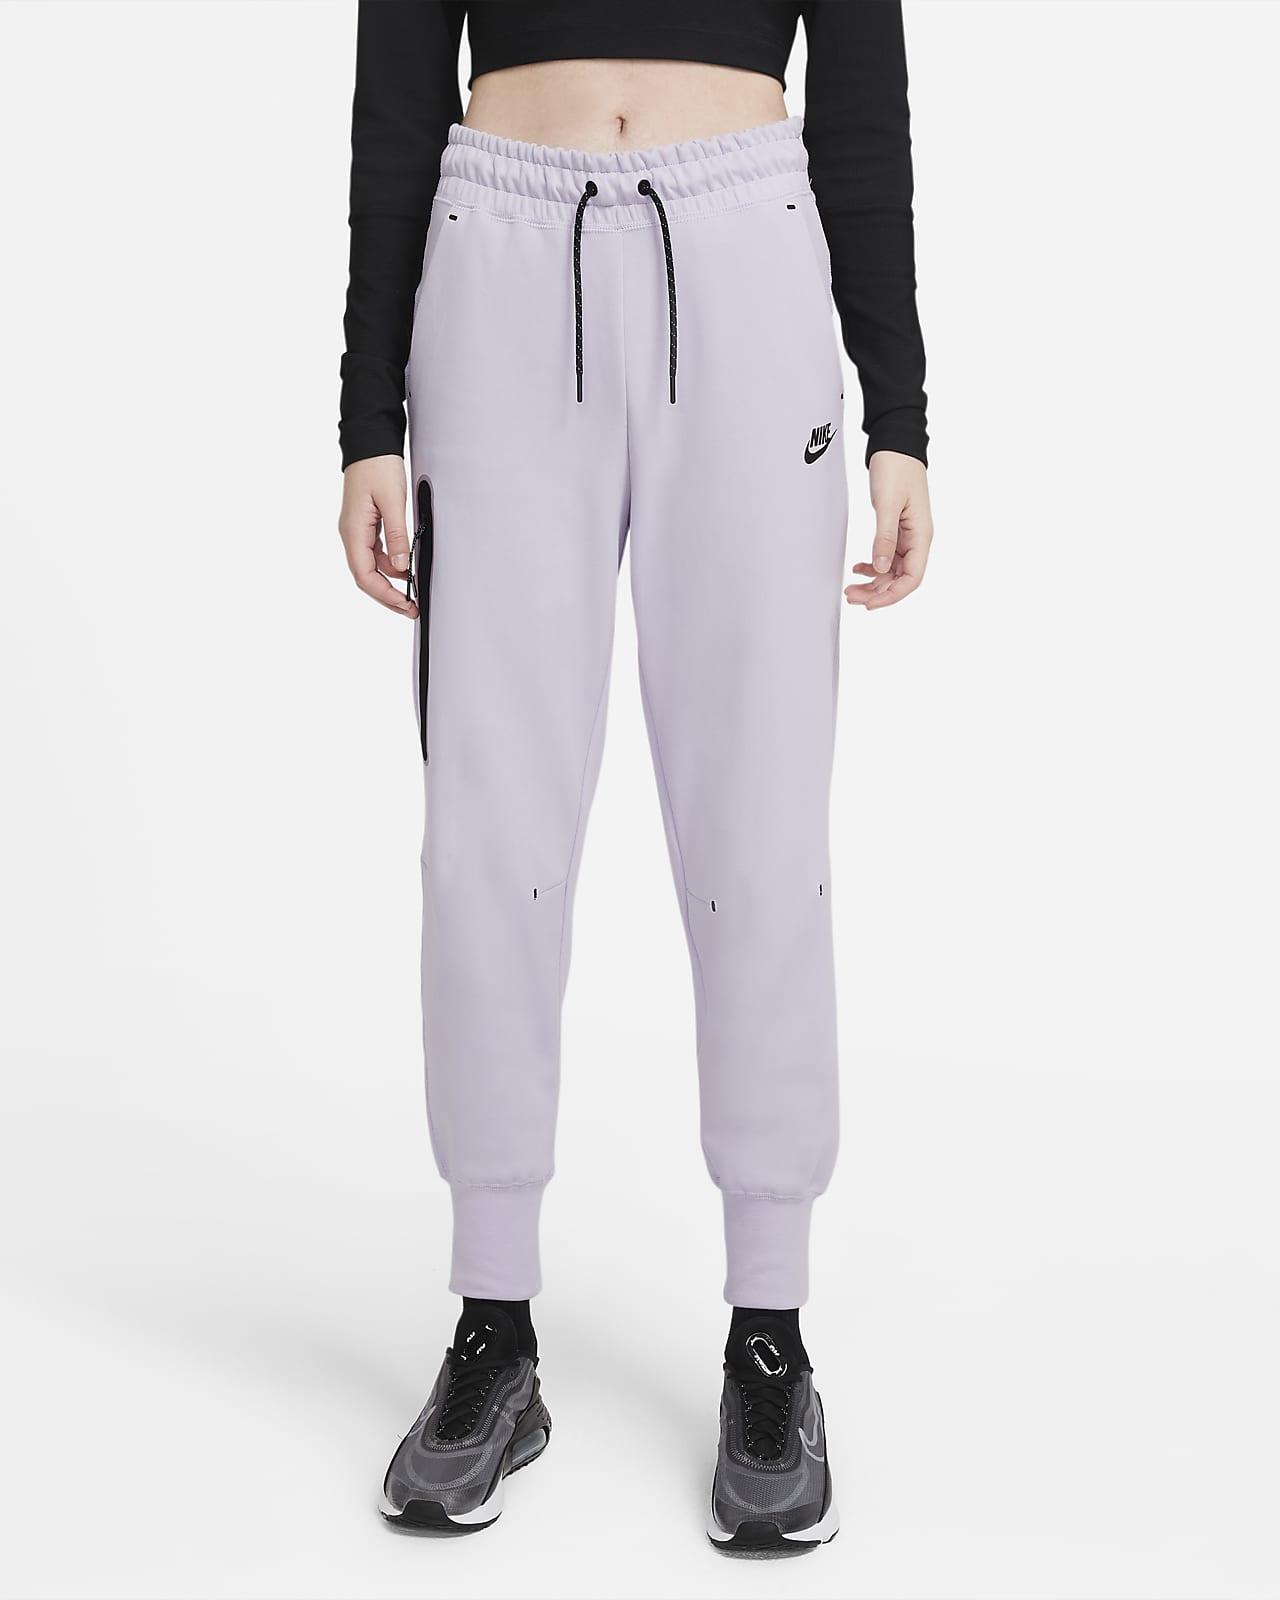 Pantalon Nike Sportswear Tech Fleece pour Femme